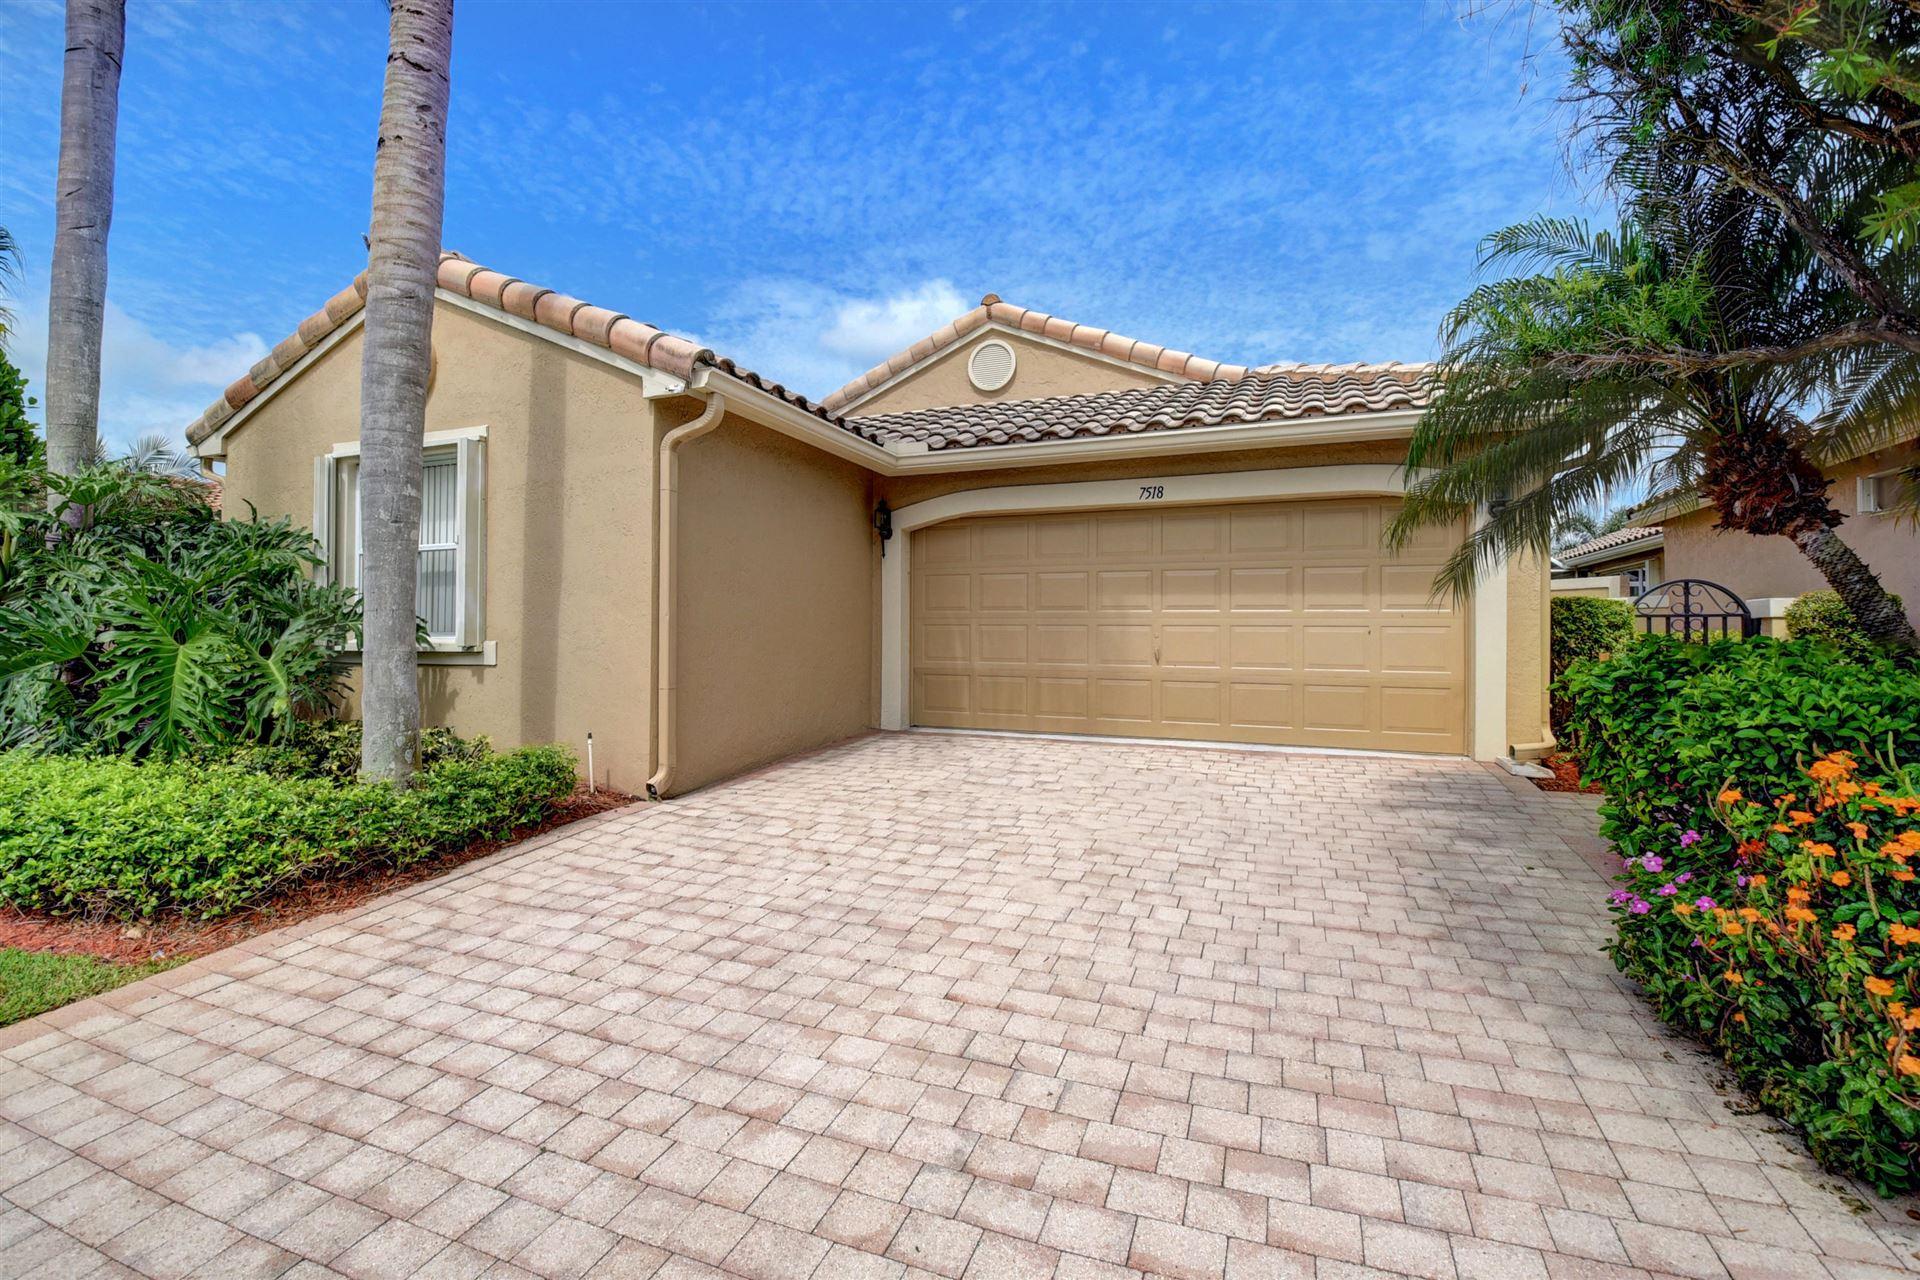 7518 Granville Avenue, Boynton Beach, FL 33437 - #: RX-10626860